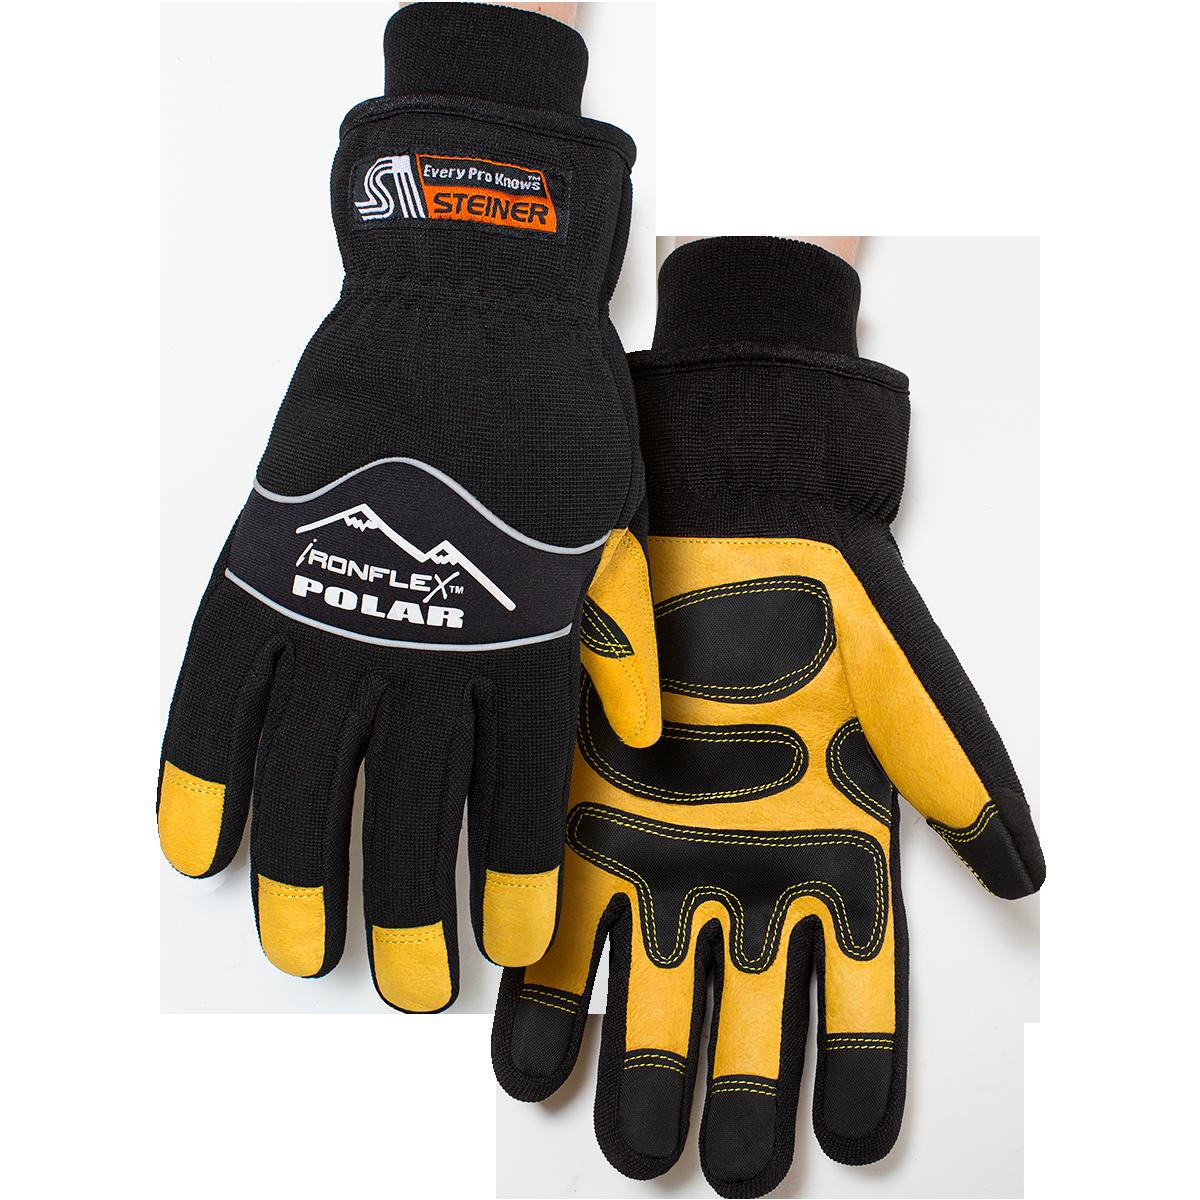 Ironflex 174 Polar Grain Pigskin Winter Gloves With Heatloc